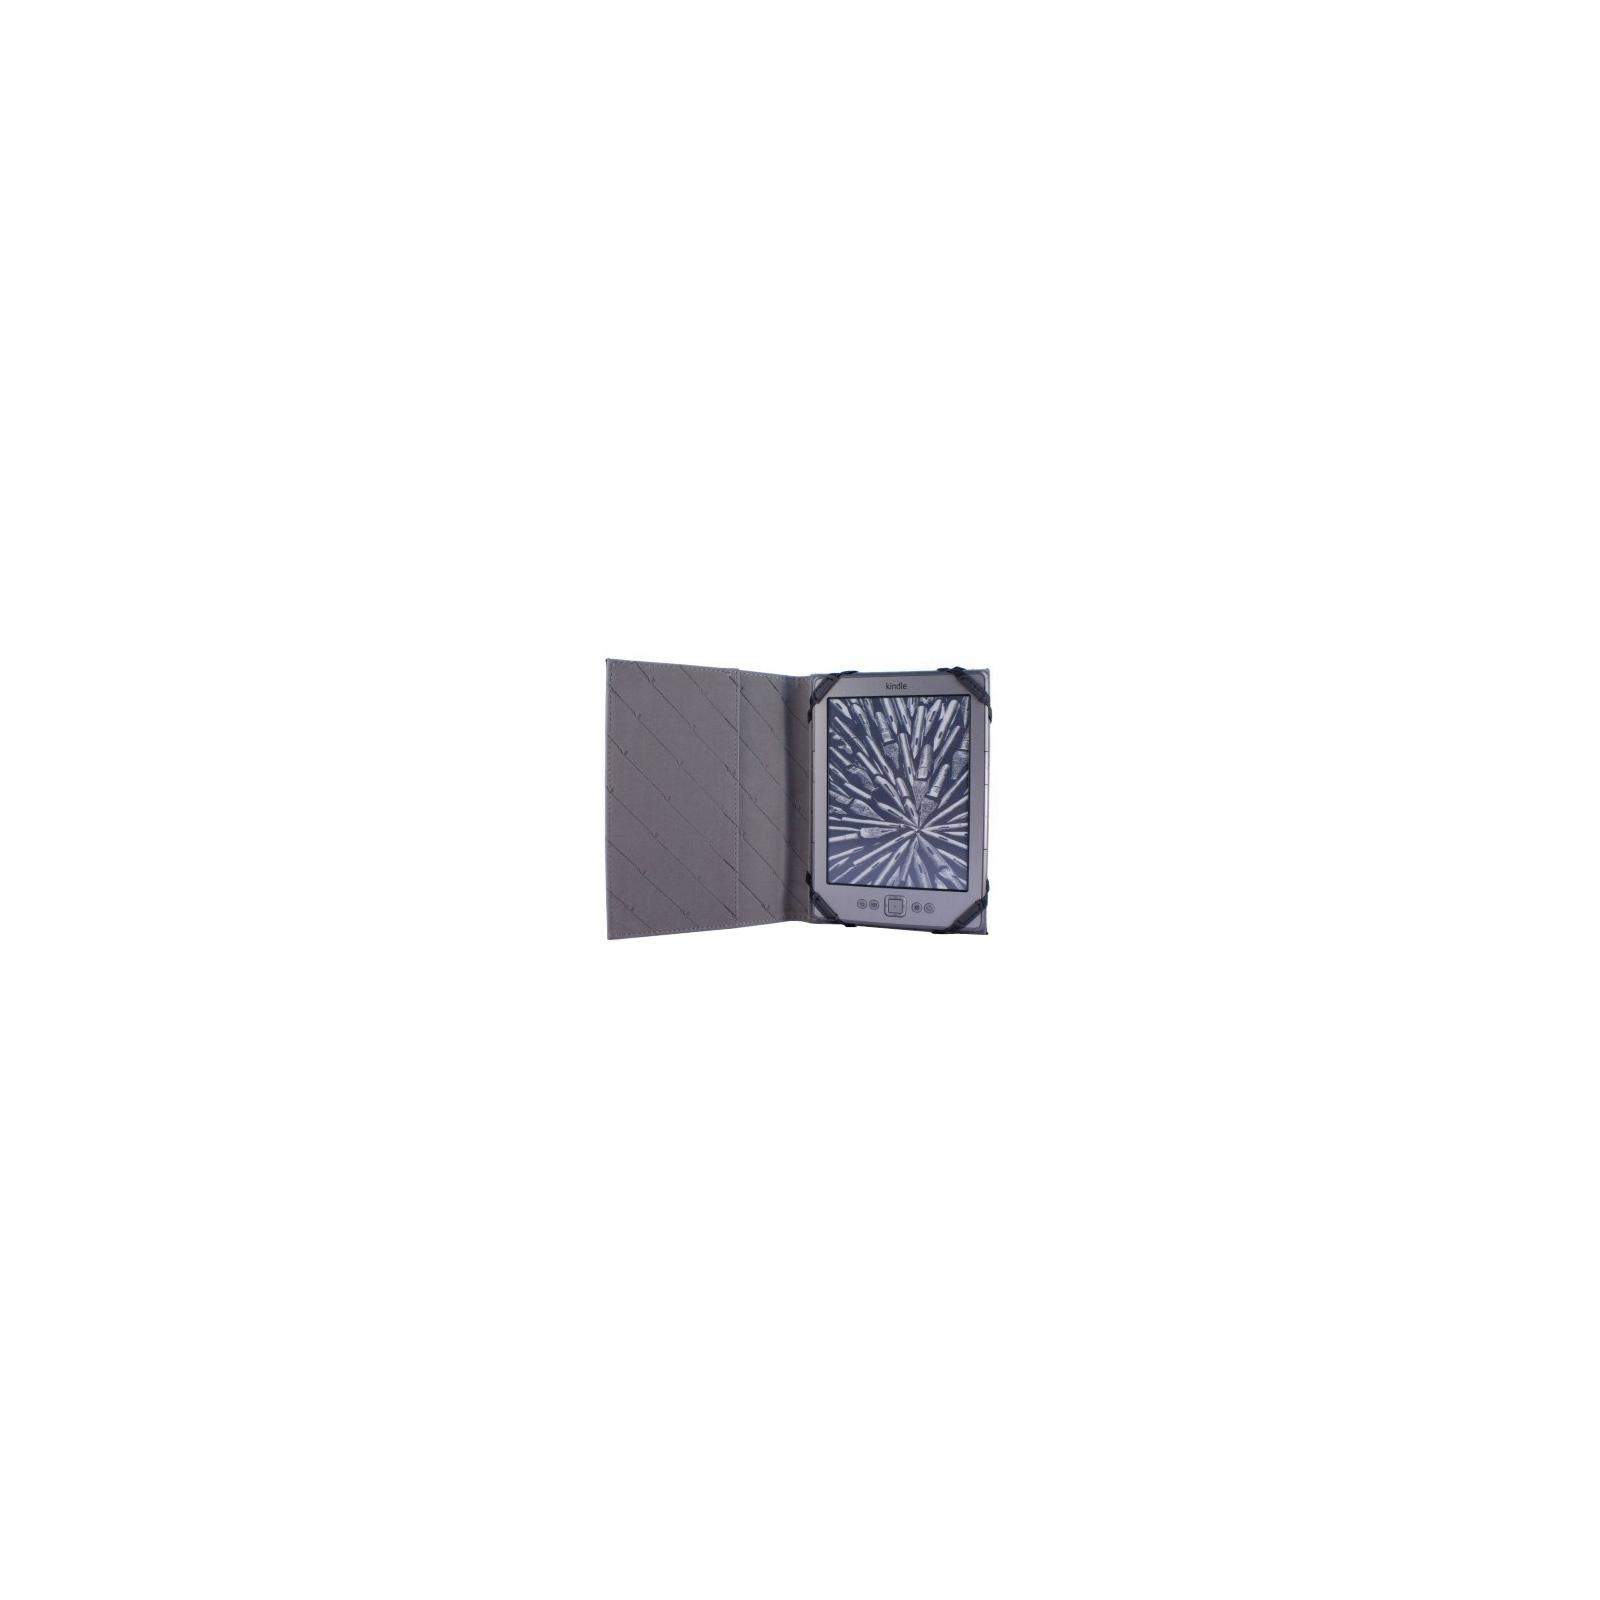 Чехол для электронной книги Tuff-Luv 6 Slim Book Black (A7_21) изображение 2